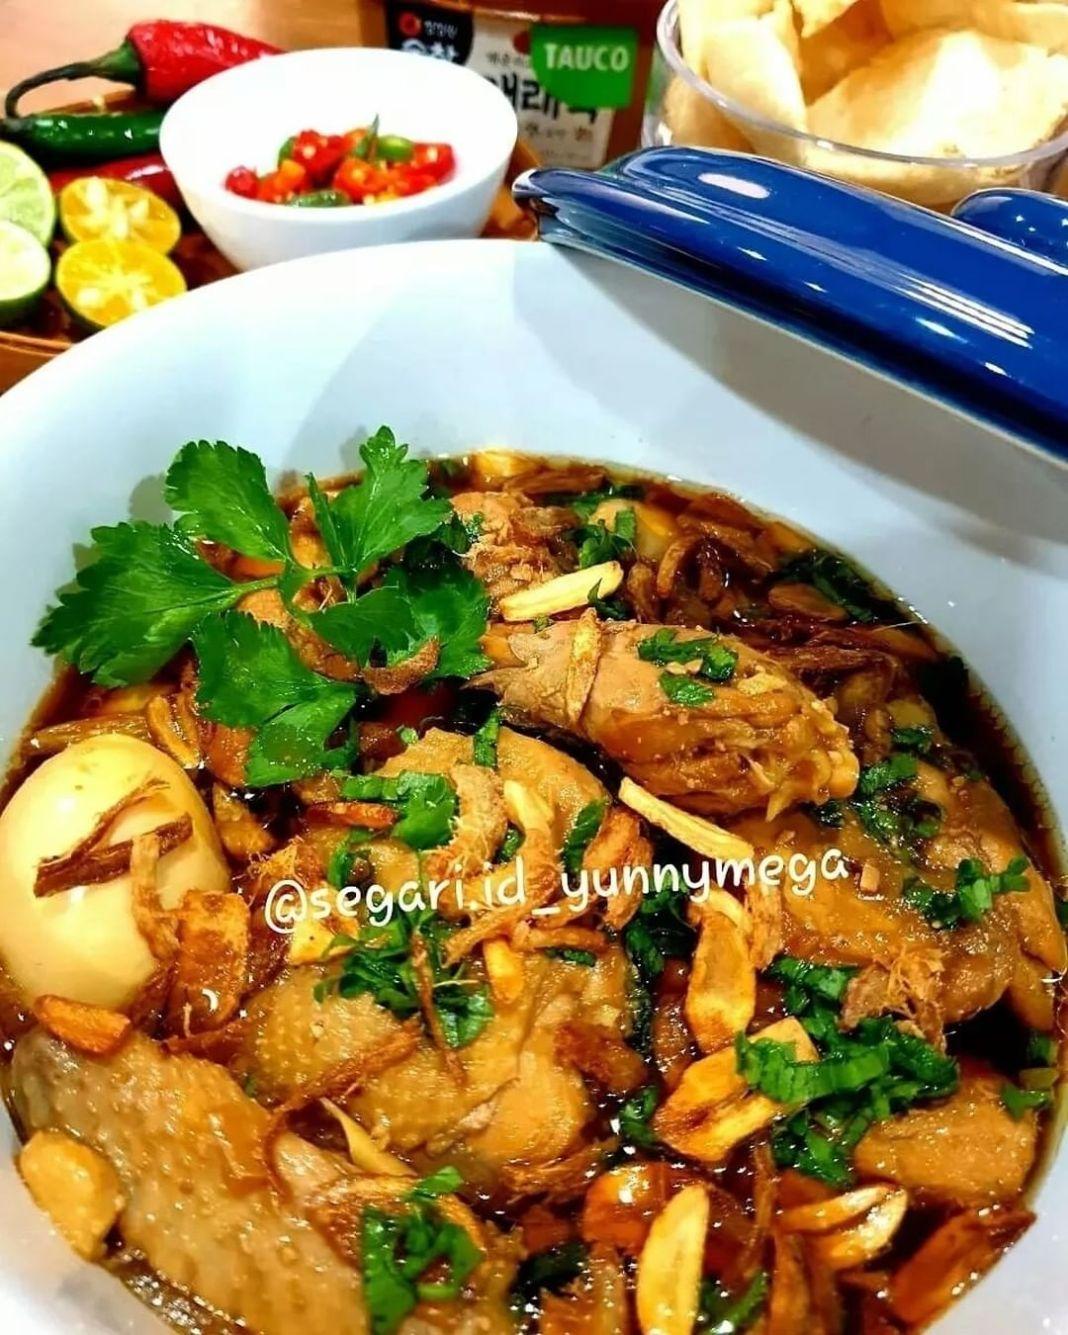 Info kuliner, Mau masak swikee tauco tapi ada nya ayam   Ayam masak tauco  Cook by @segari.id_yunnymega   Bah…